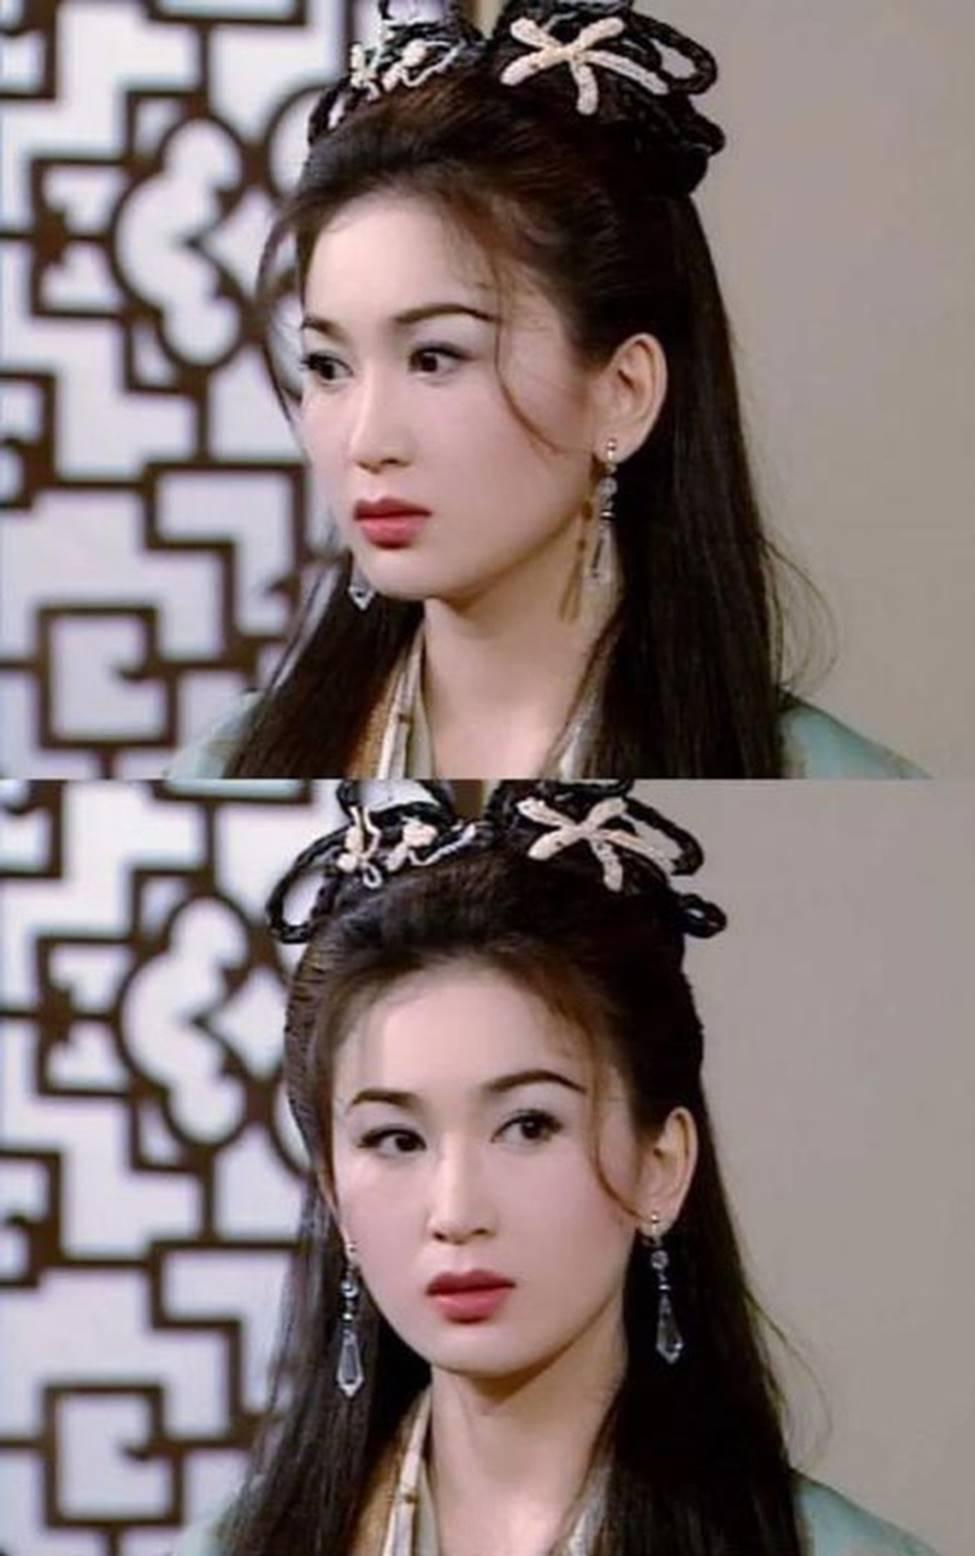 Tiểu Long Nữ đẹp nhất màn ảnh lộ da mặt nhăn nheo, già nua gây thất vọng-7